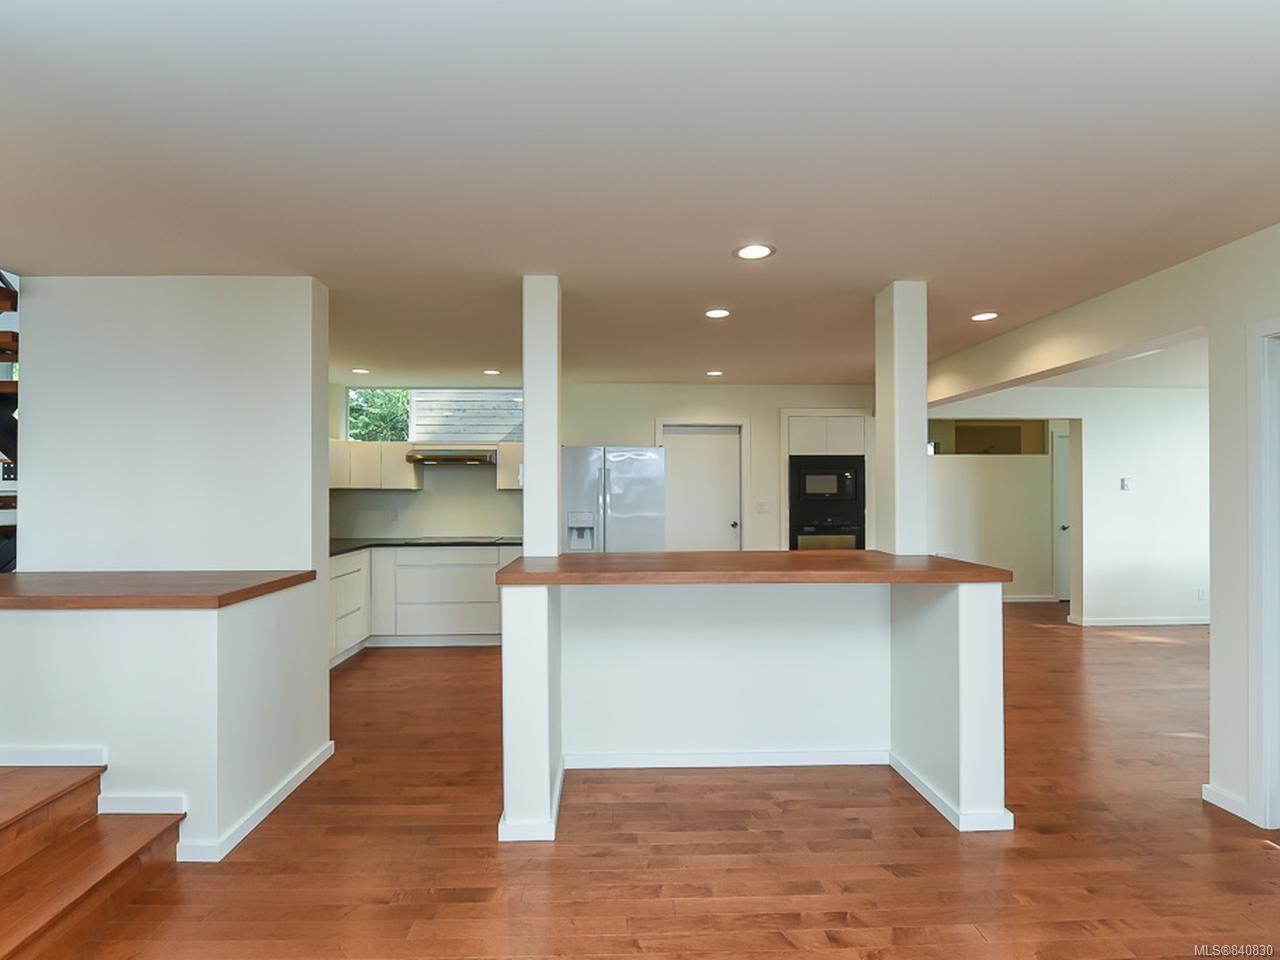 Photo 18: Photos: 1156 Moore Rd in COMOX: CV Comox Peninsula House for sale (Comox Valley)  : MLS®# 840830